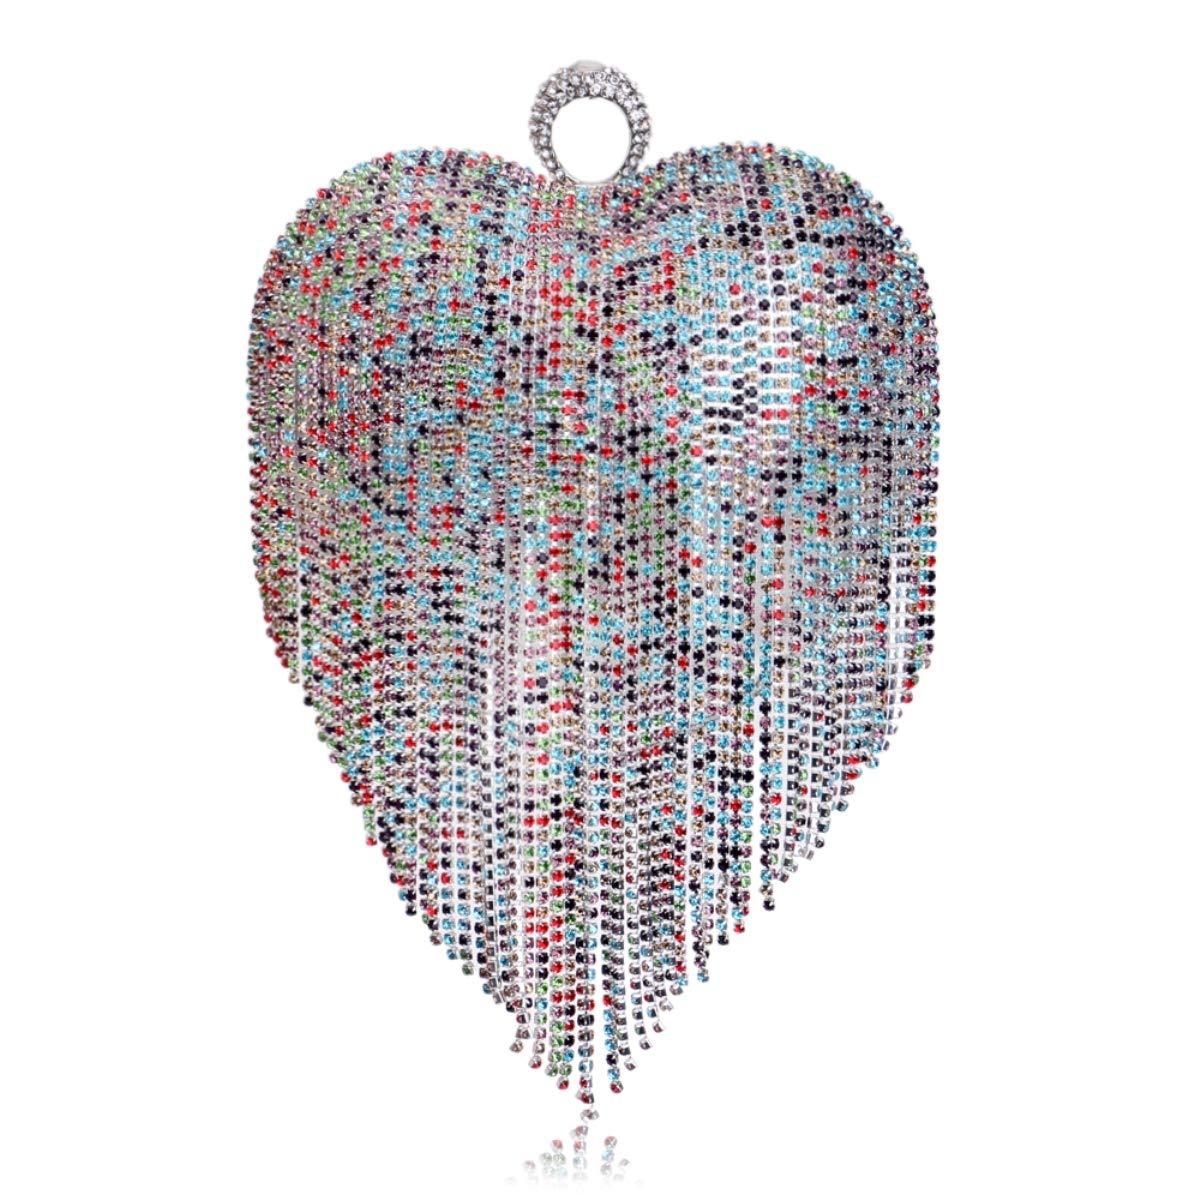 MKHDD hjärtformade diamanter aftonväskor kedja axel plånbok tag pärlor liten plånbok fingerring strass bröllop kvinnor handväska Flerfärgade